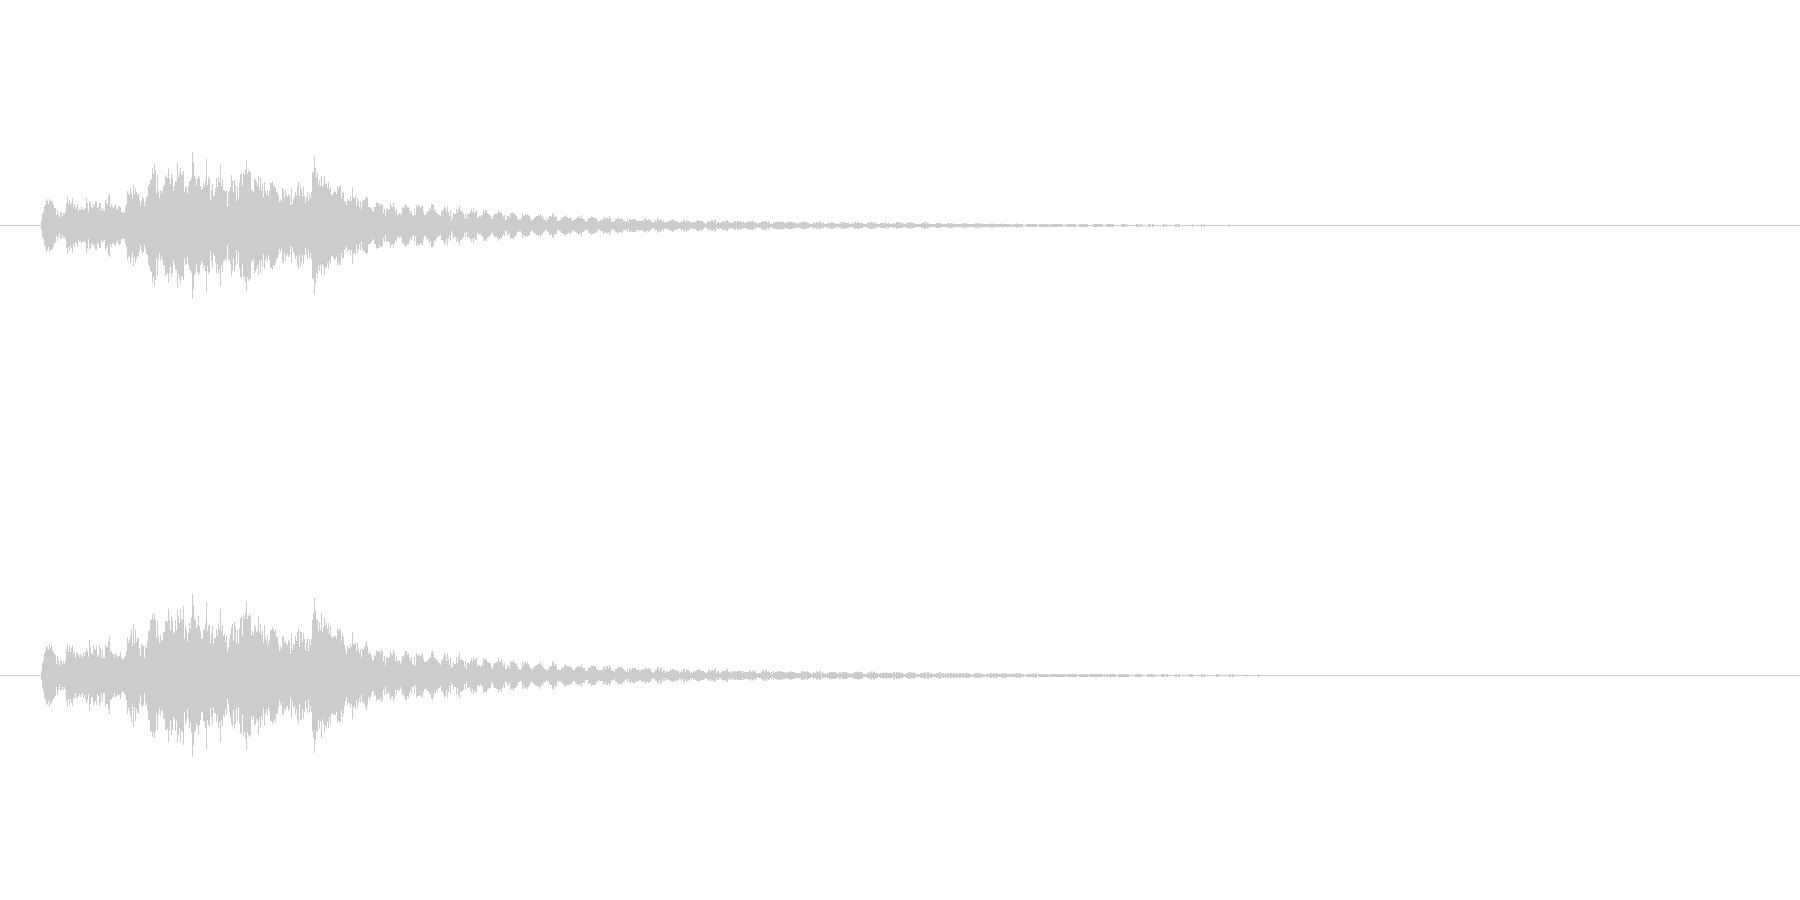 琴のグリス2 (和を演出)の未再生の波形